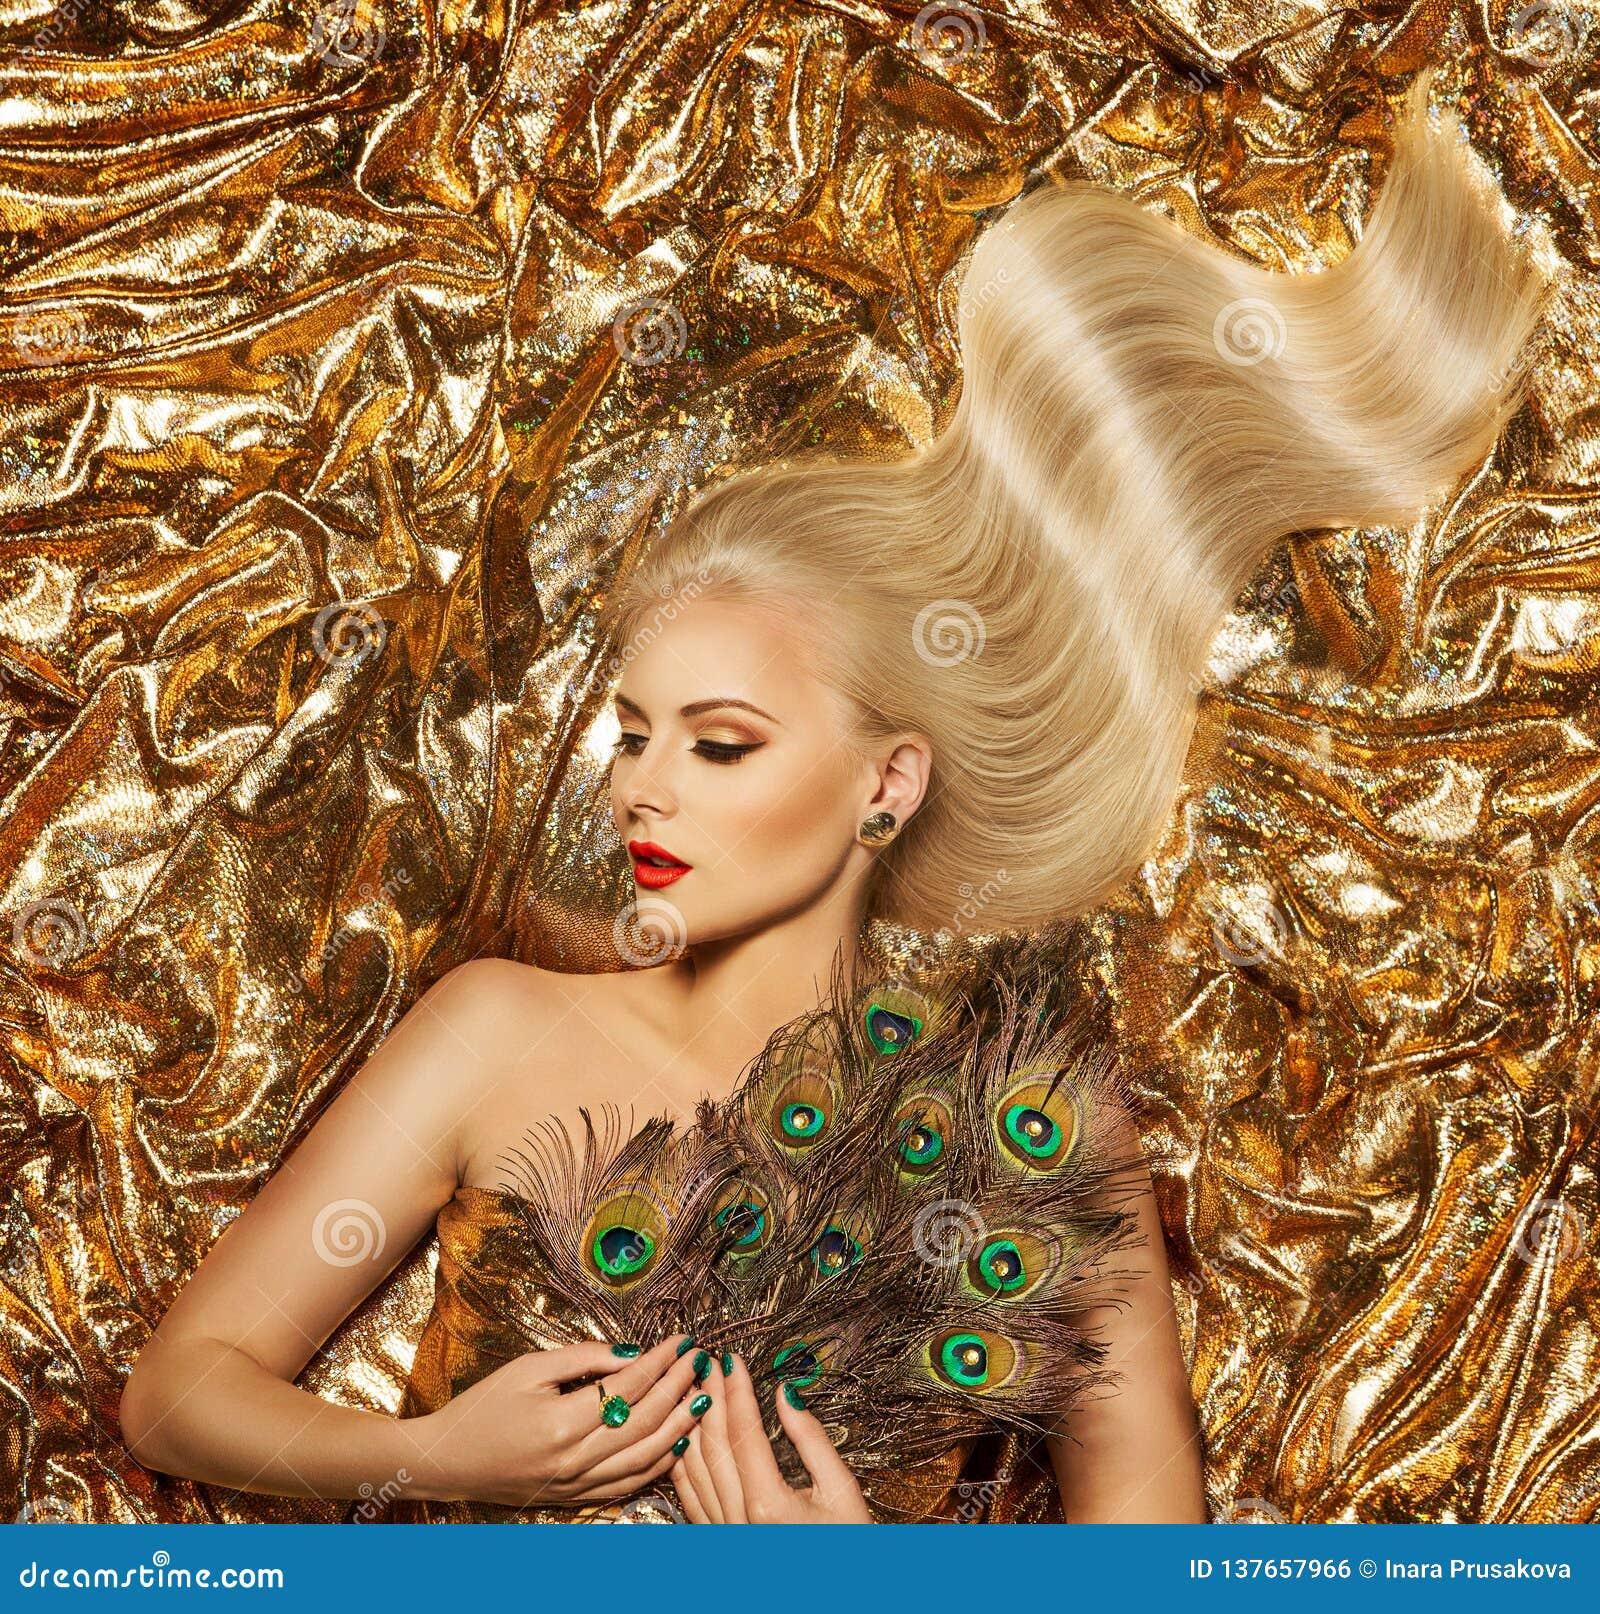 Волосы золота, стиль причесок волн фотомодели золотой, белокурая девушка на сверкная ткани